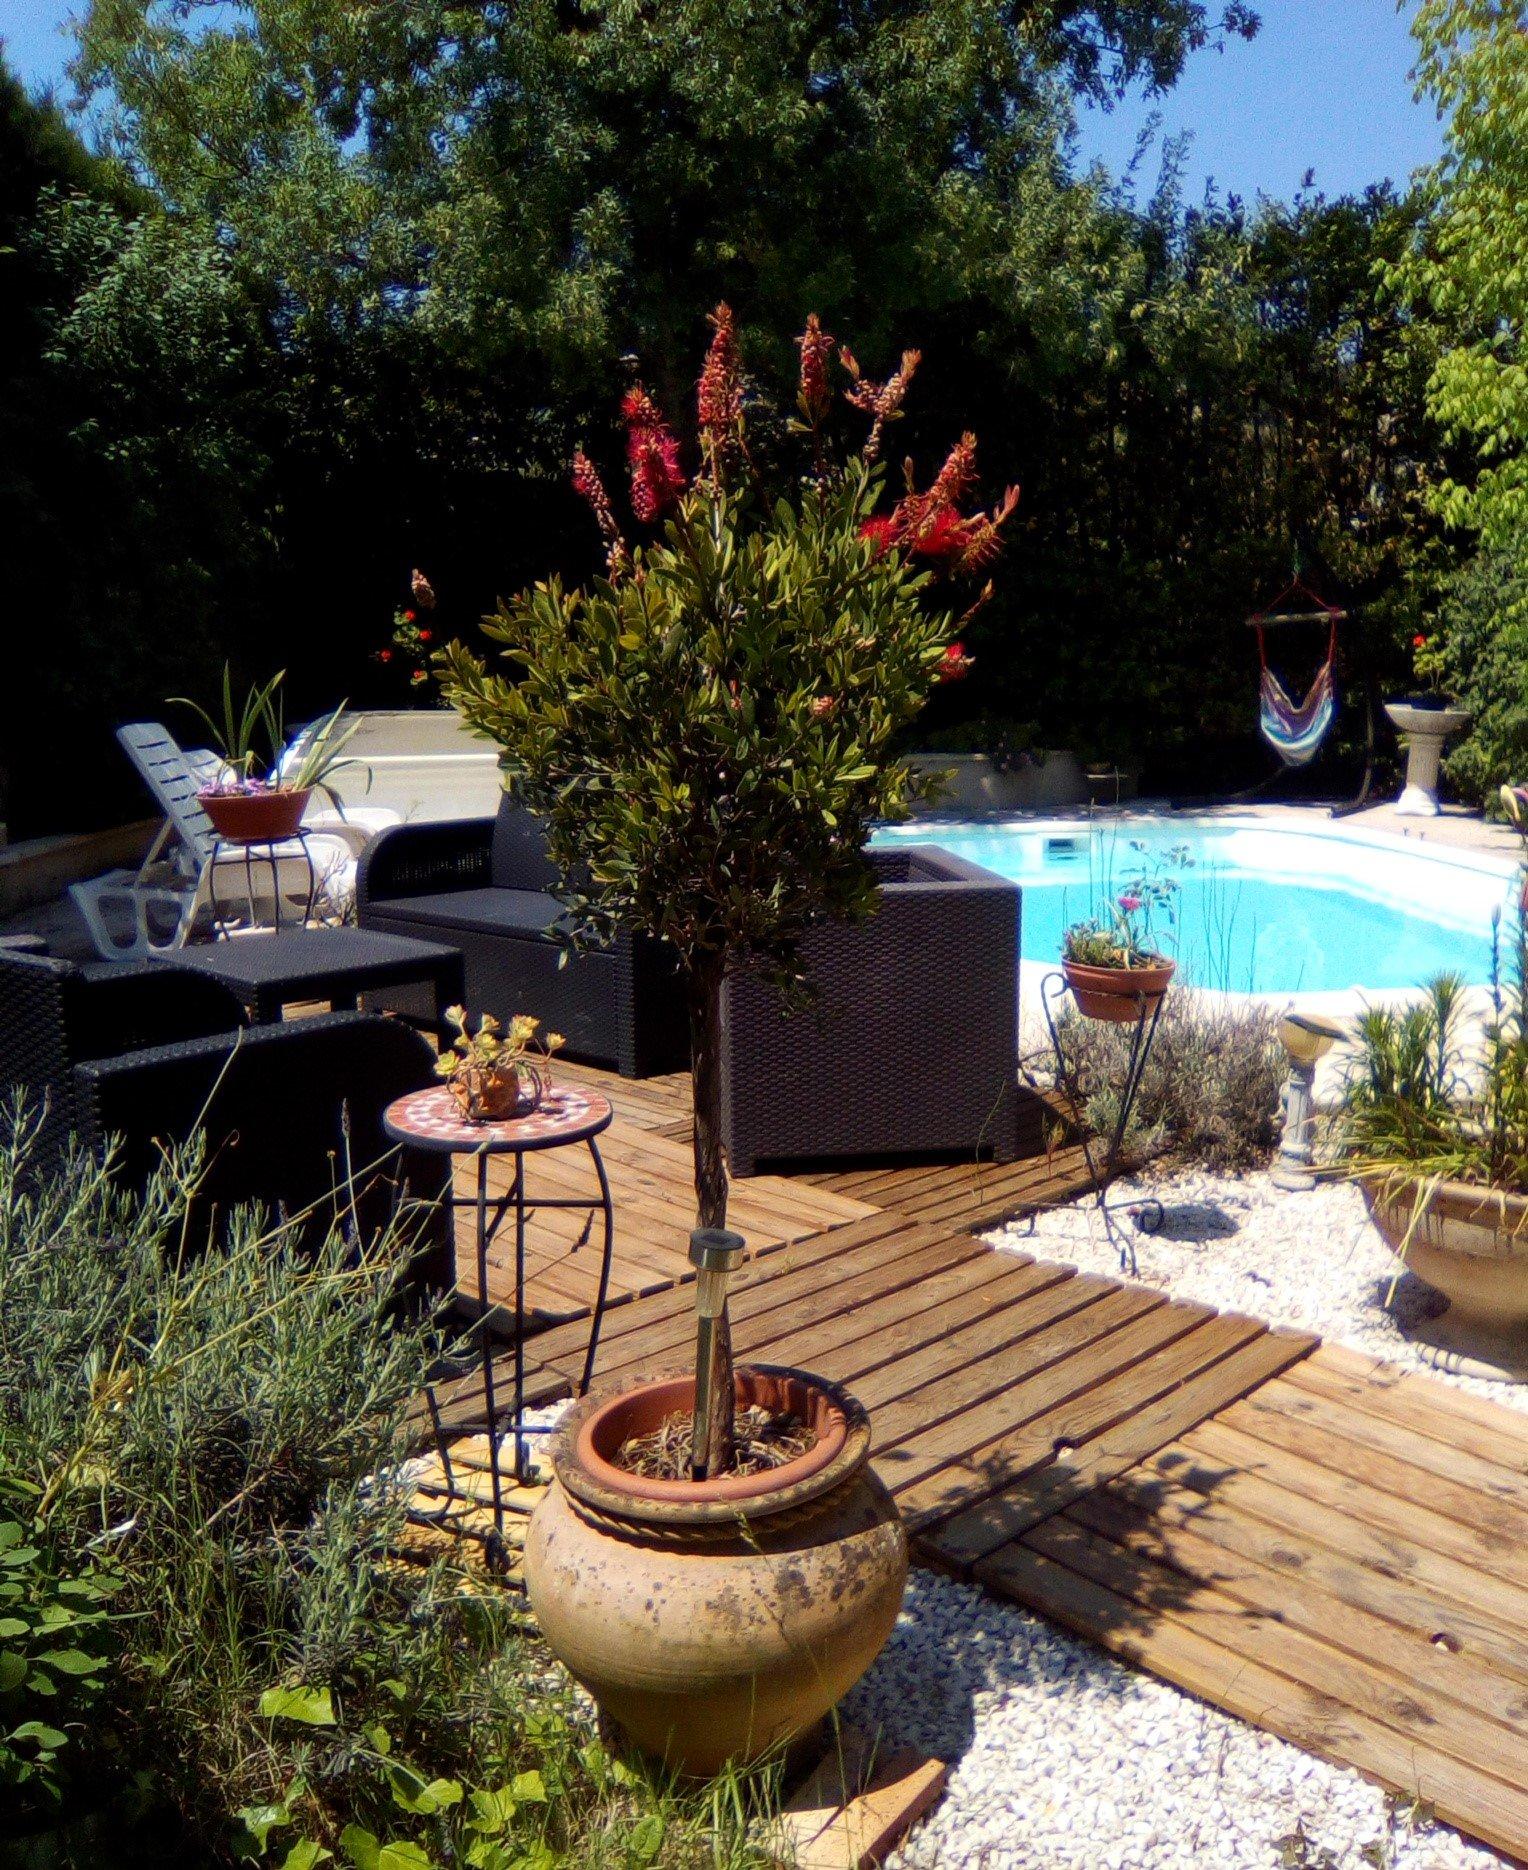 Spacieuse Maison 9 Pièces 285m2  - 4 appartements Verdure 06800 CAGNES SUR MER